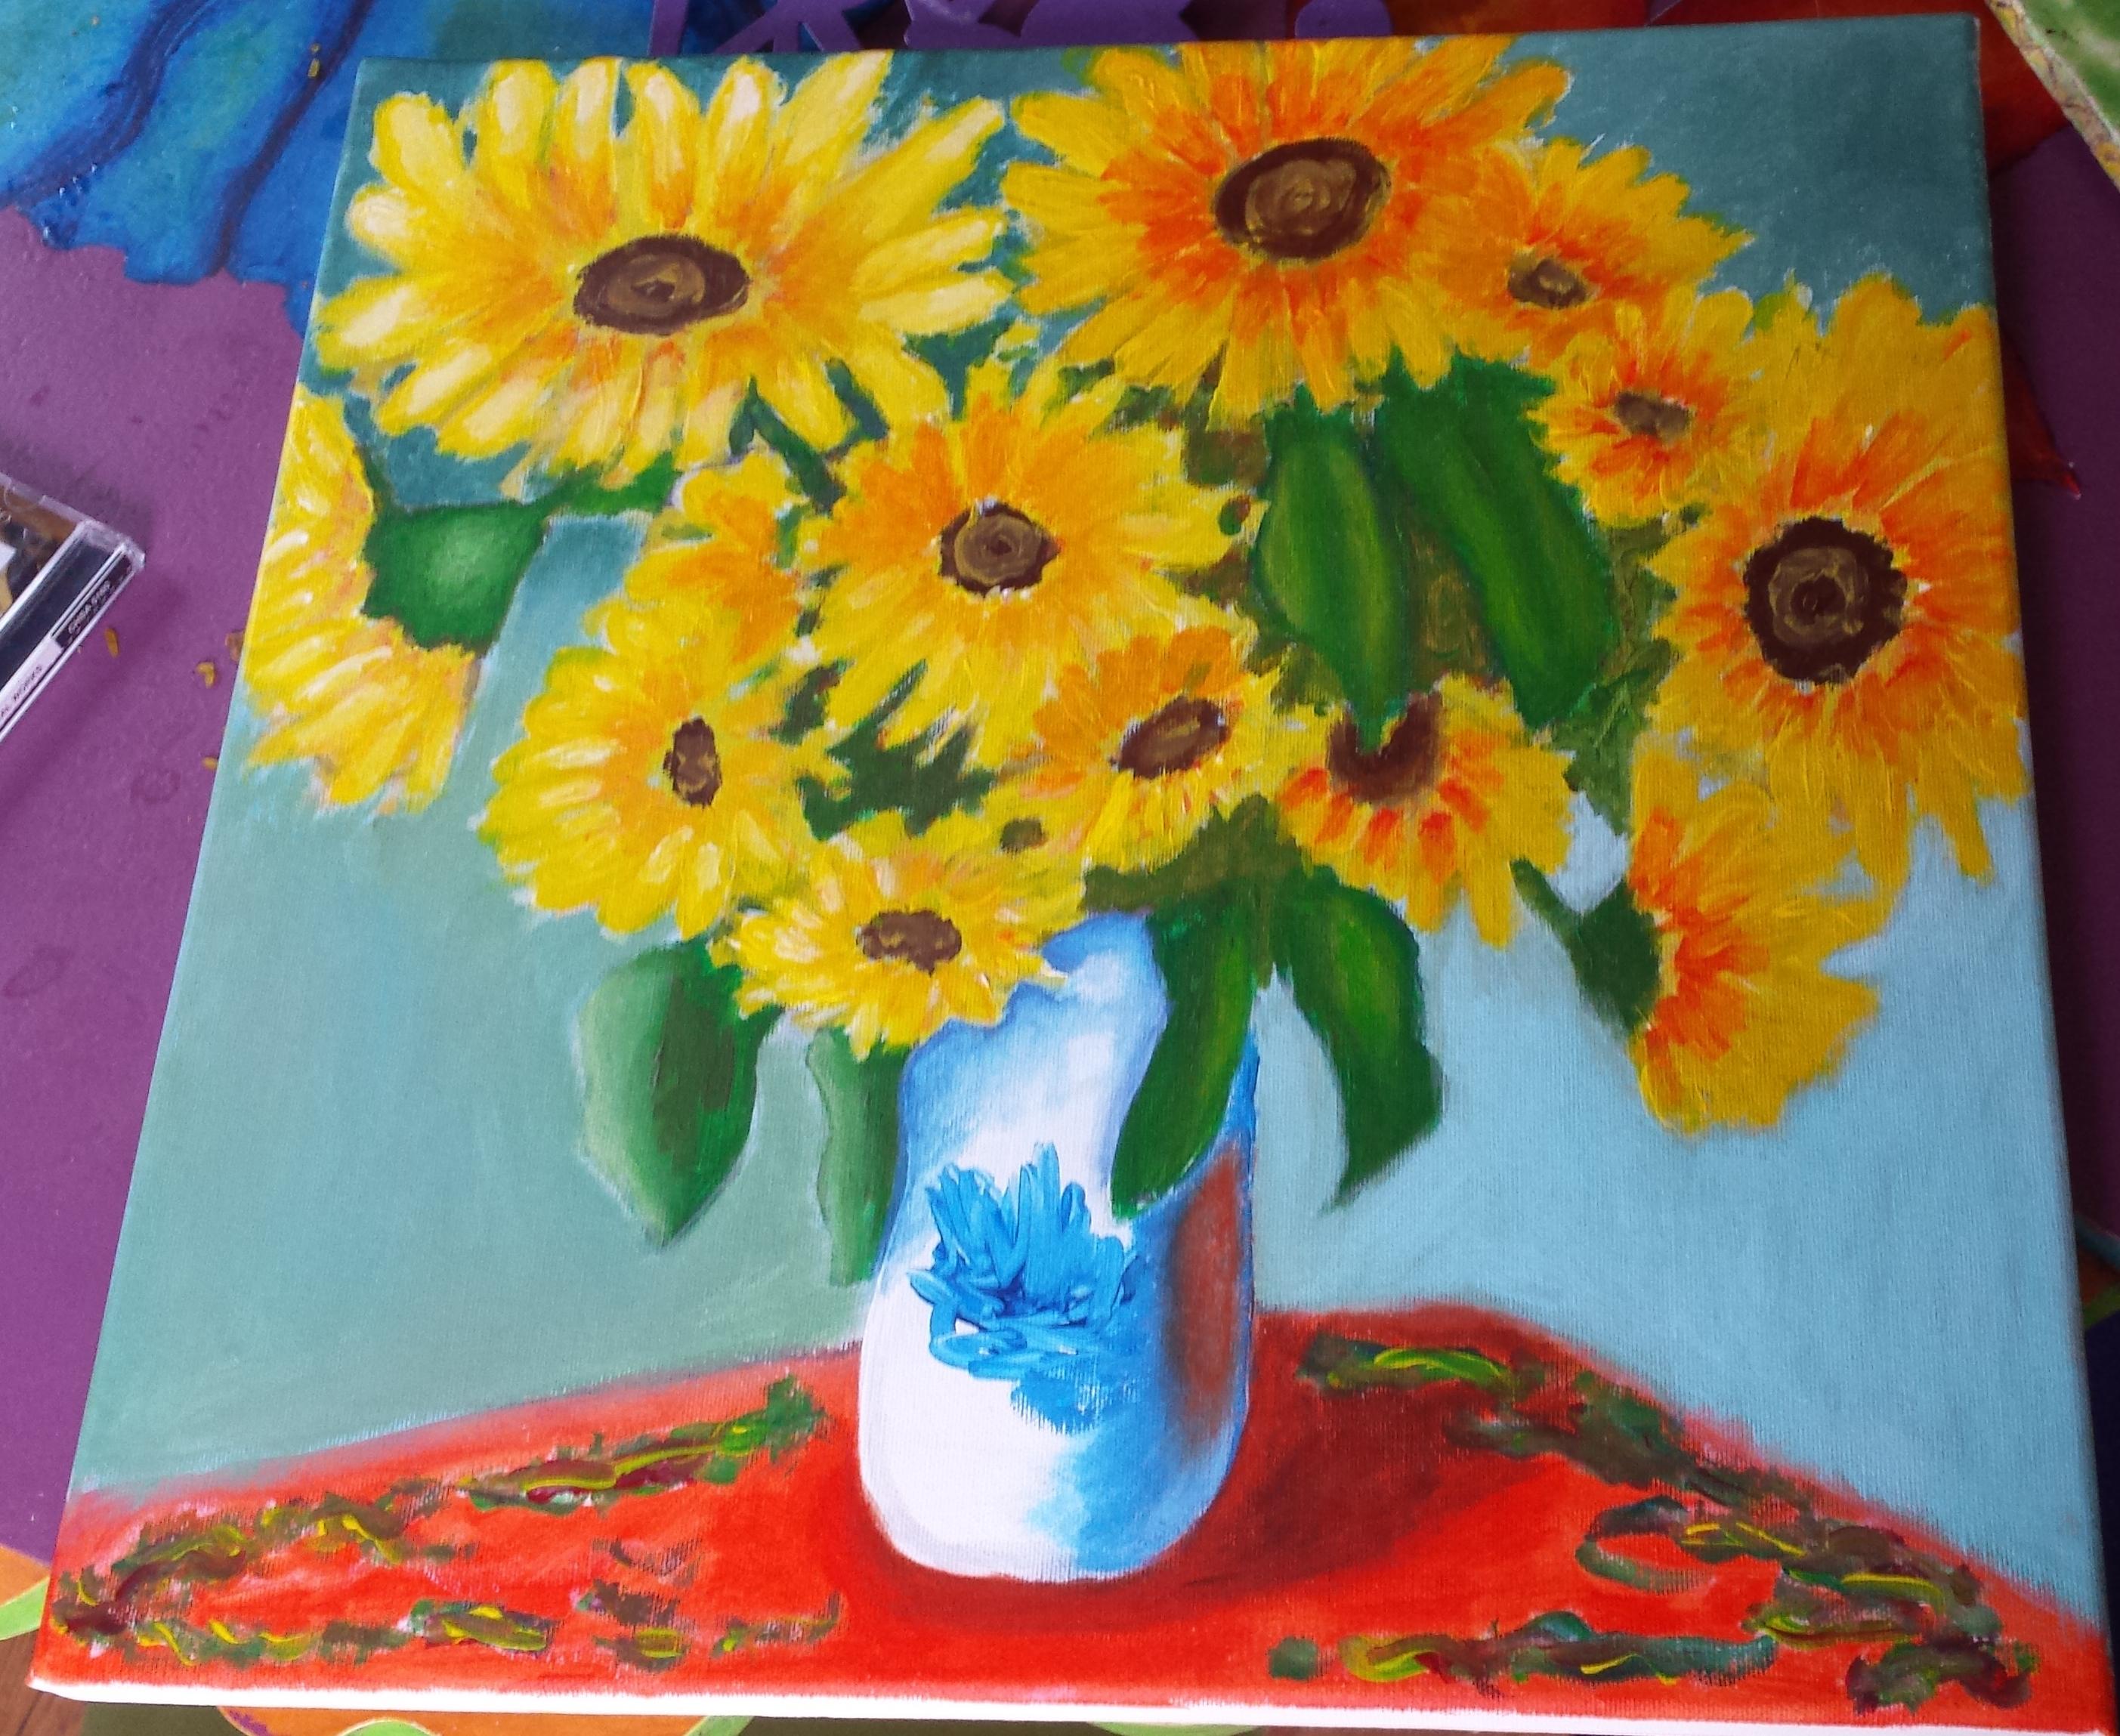 D'après_Bouquet_de_soleil,_Monet